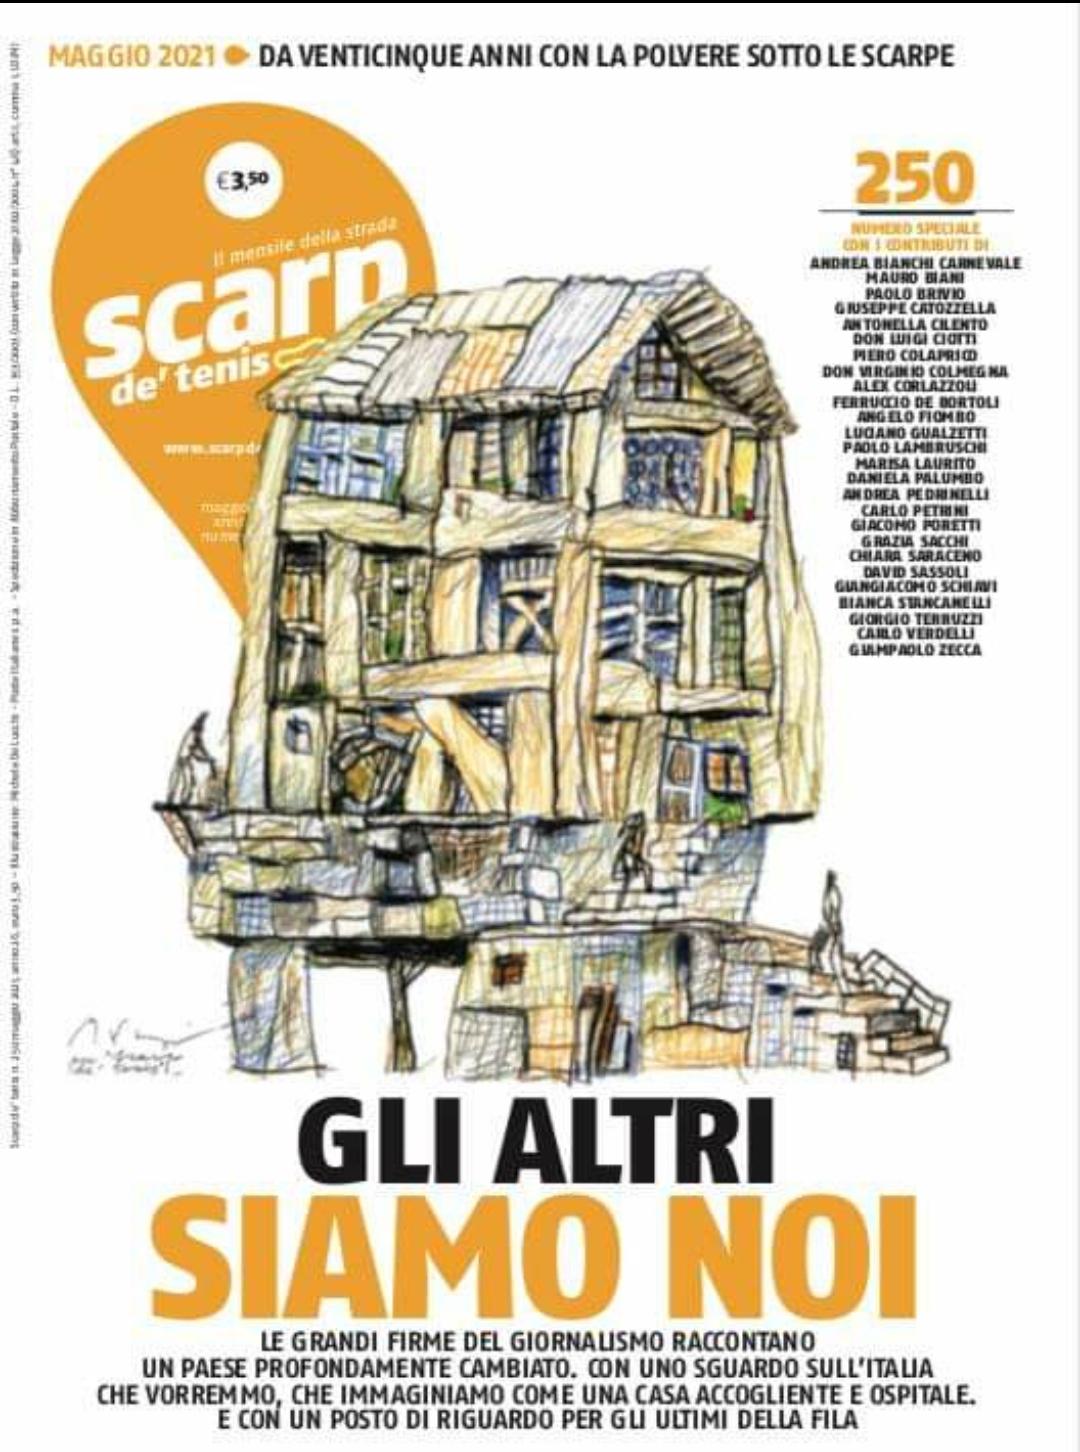 """Il Maestro d'Italia, giornalista, scrittore, viaggiatore e opinionista Alex Corlazzoli posta i suoi auguri per il bel giornale """"Scarp de'tenis"""""""